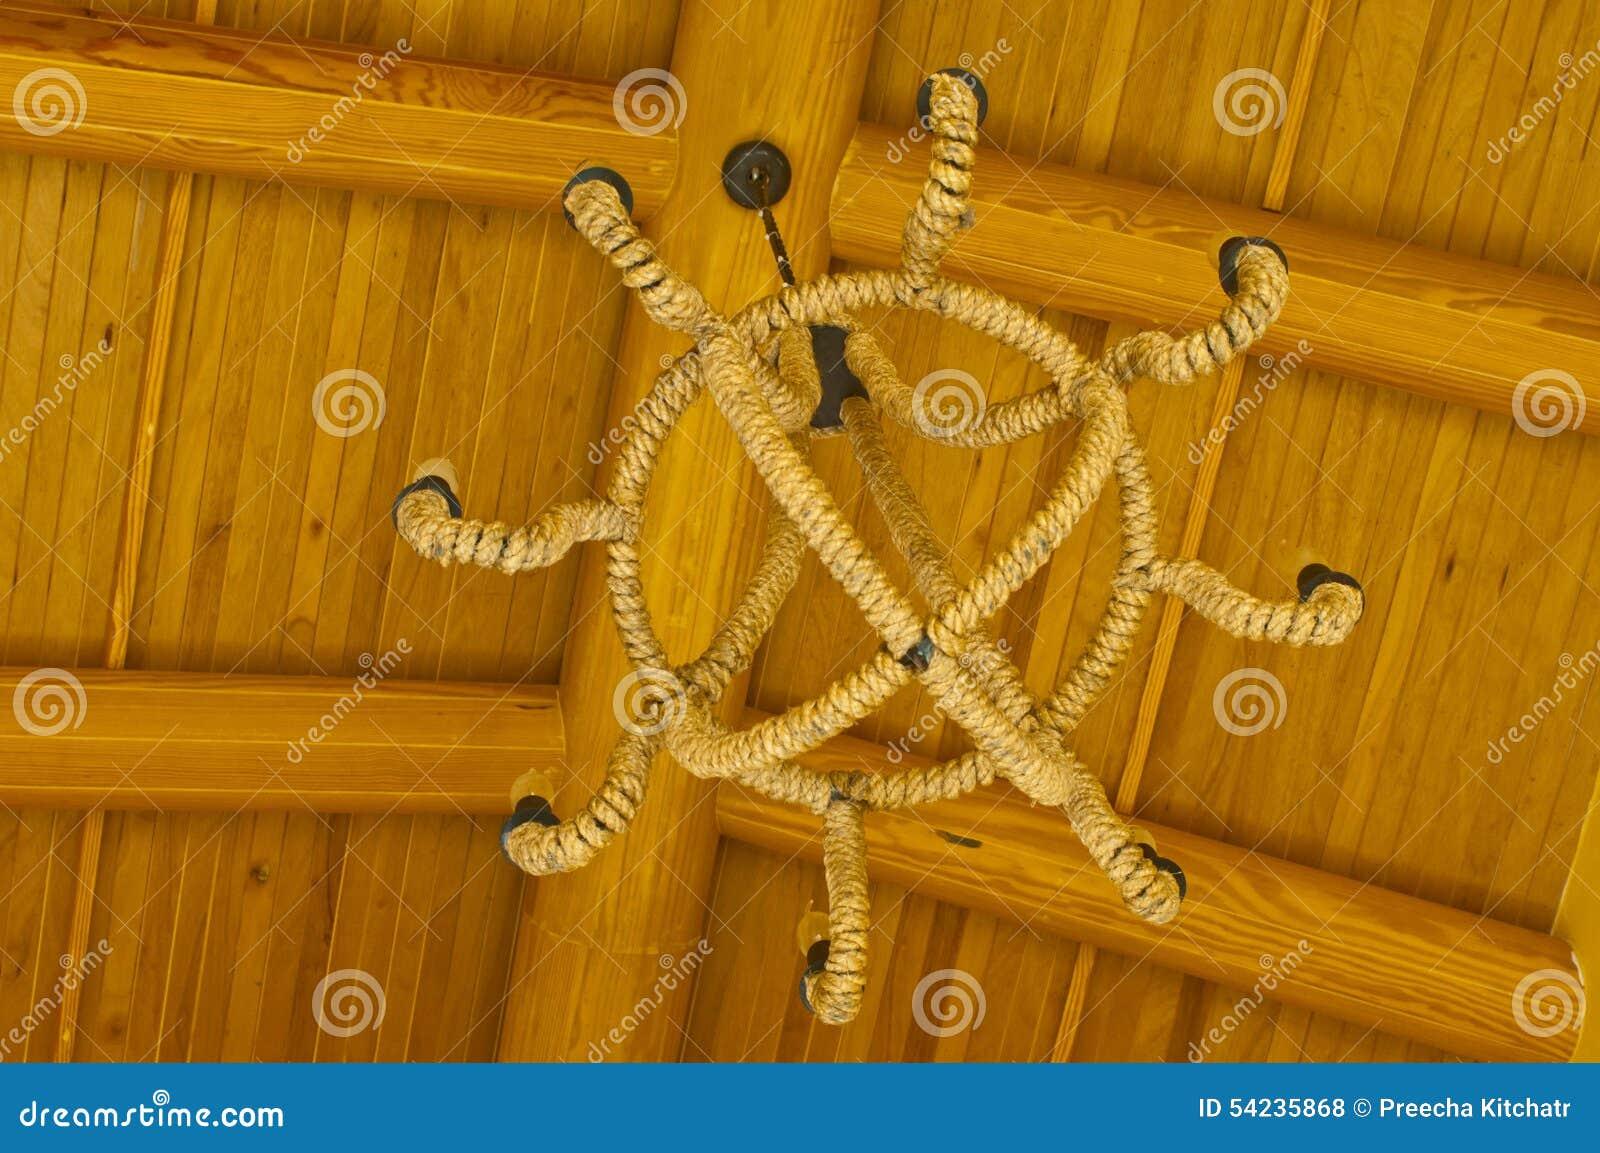 Come illuminare un soffitto in legno. cool come illuminare un